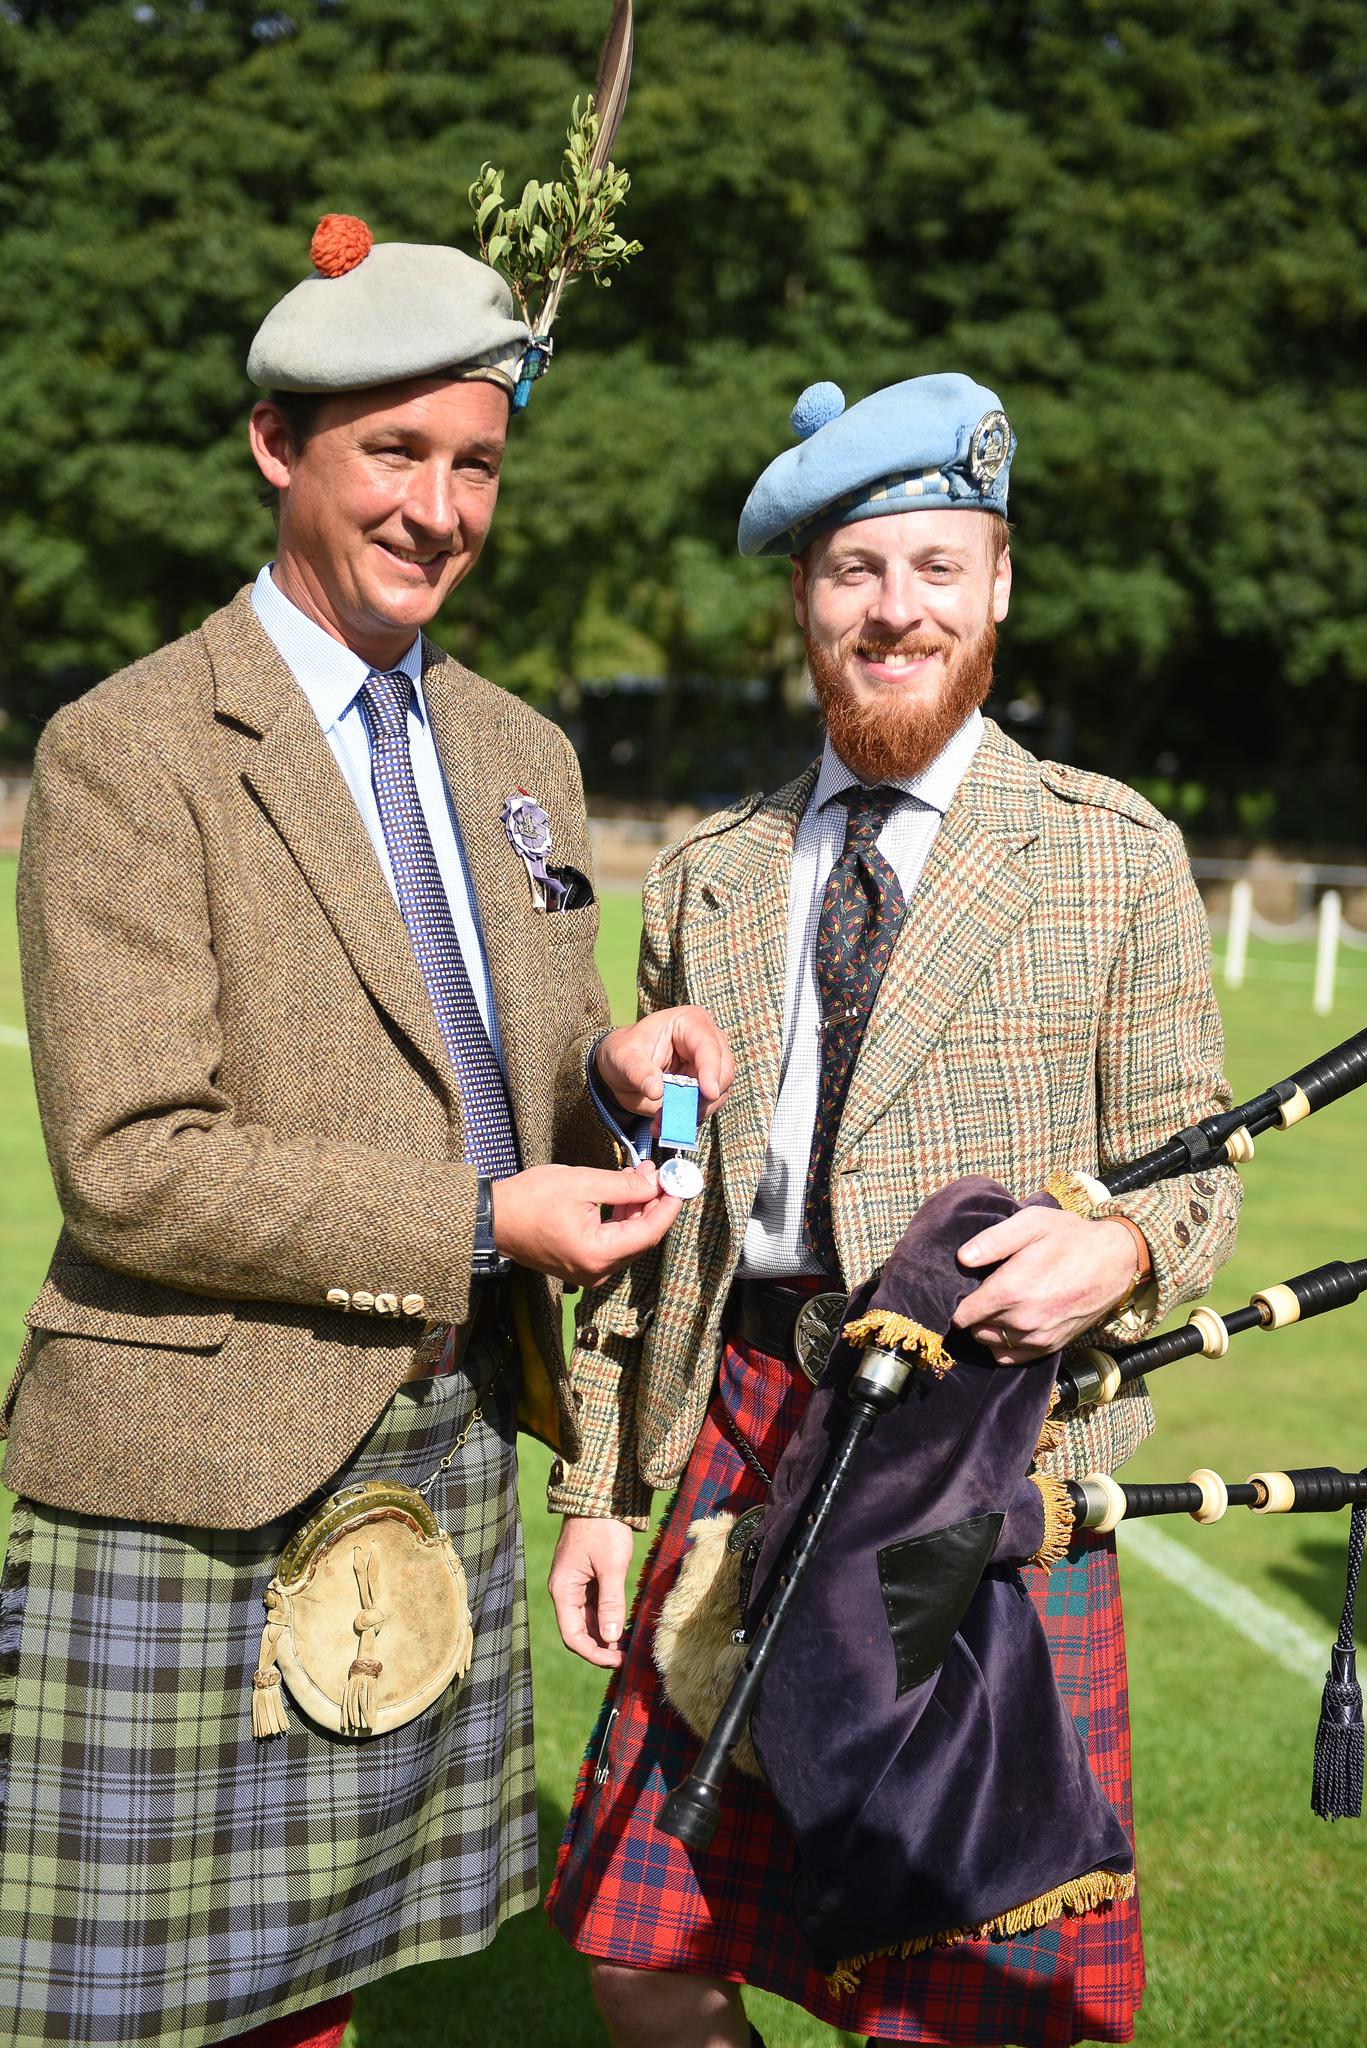 Oban Highland games 25/08/16